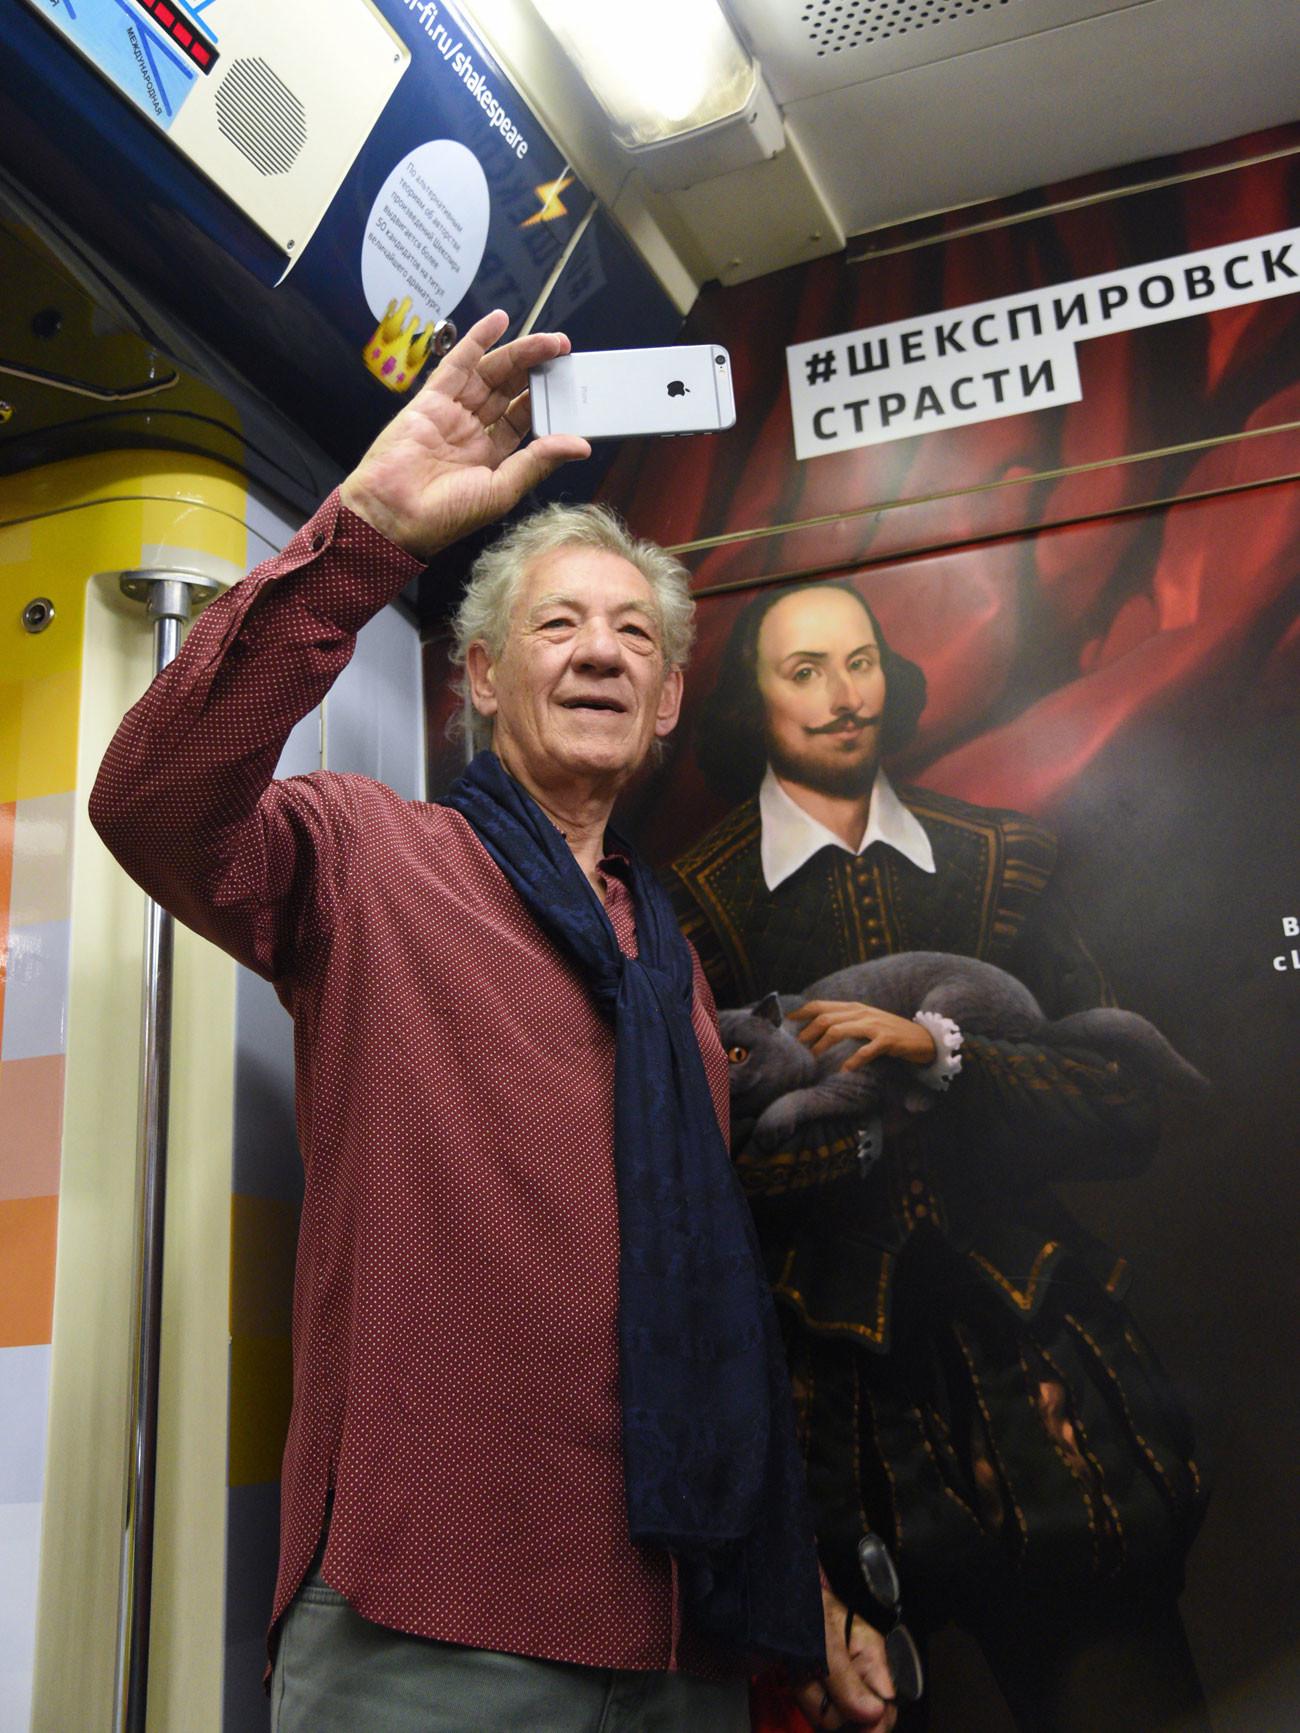 Ian McKellen rides Shakespeare train in Moscow metro.